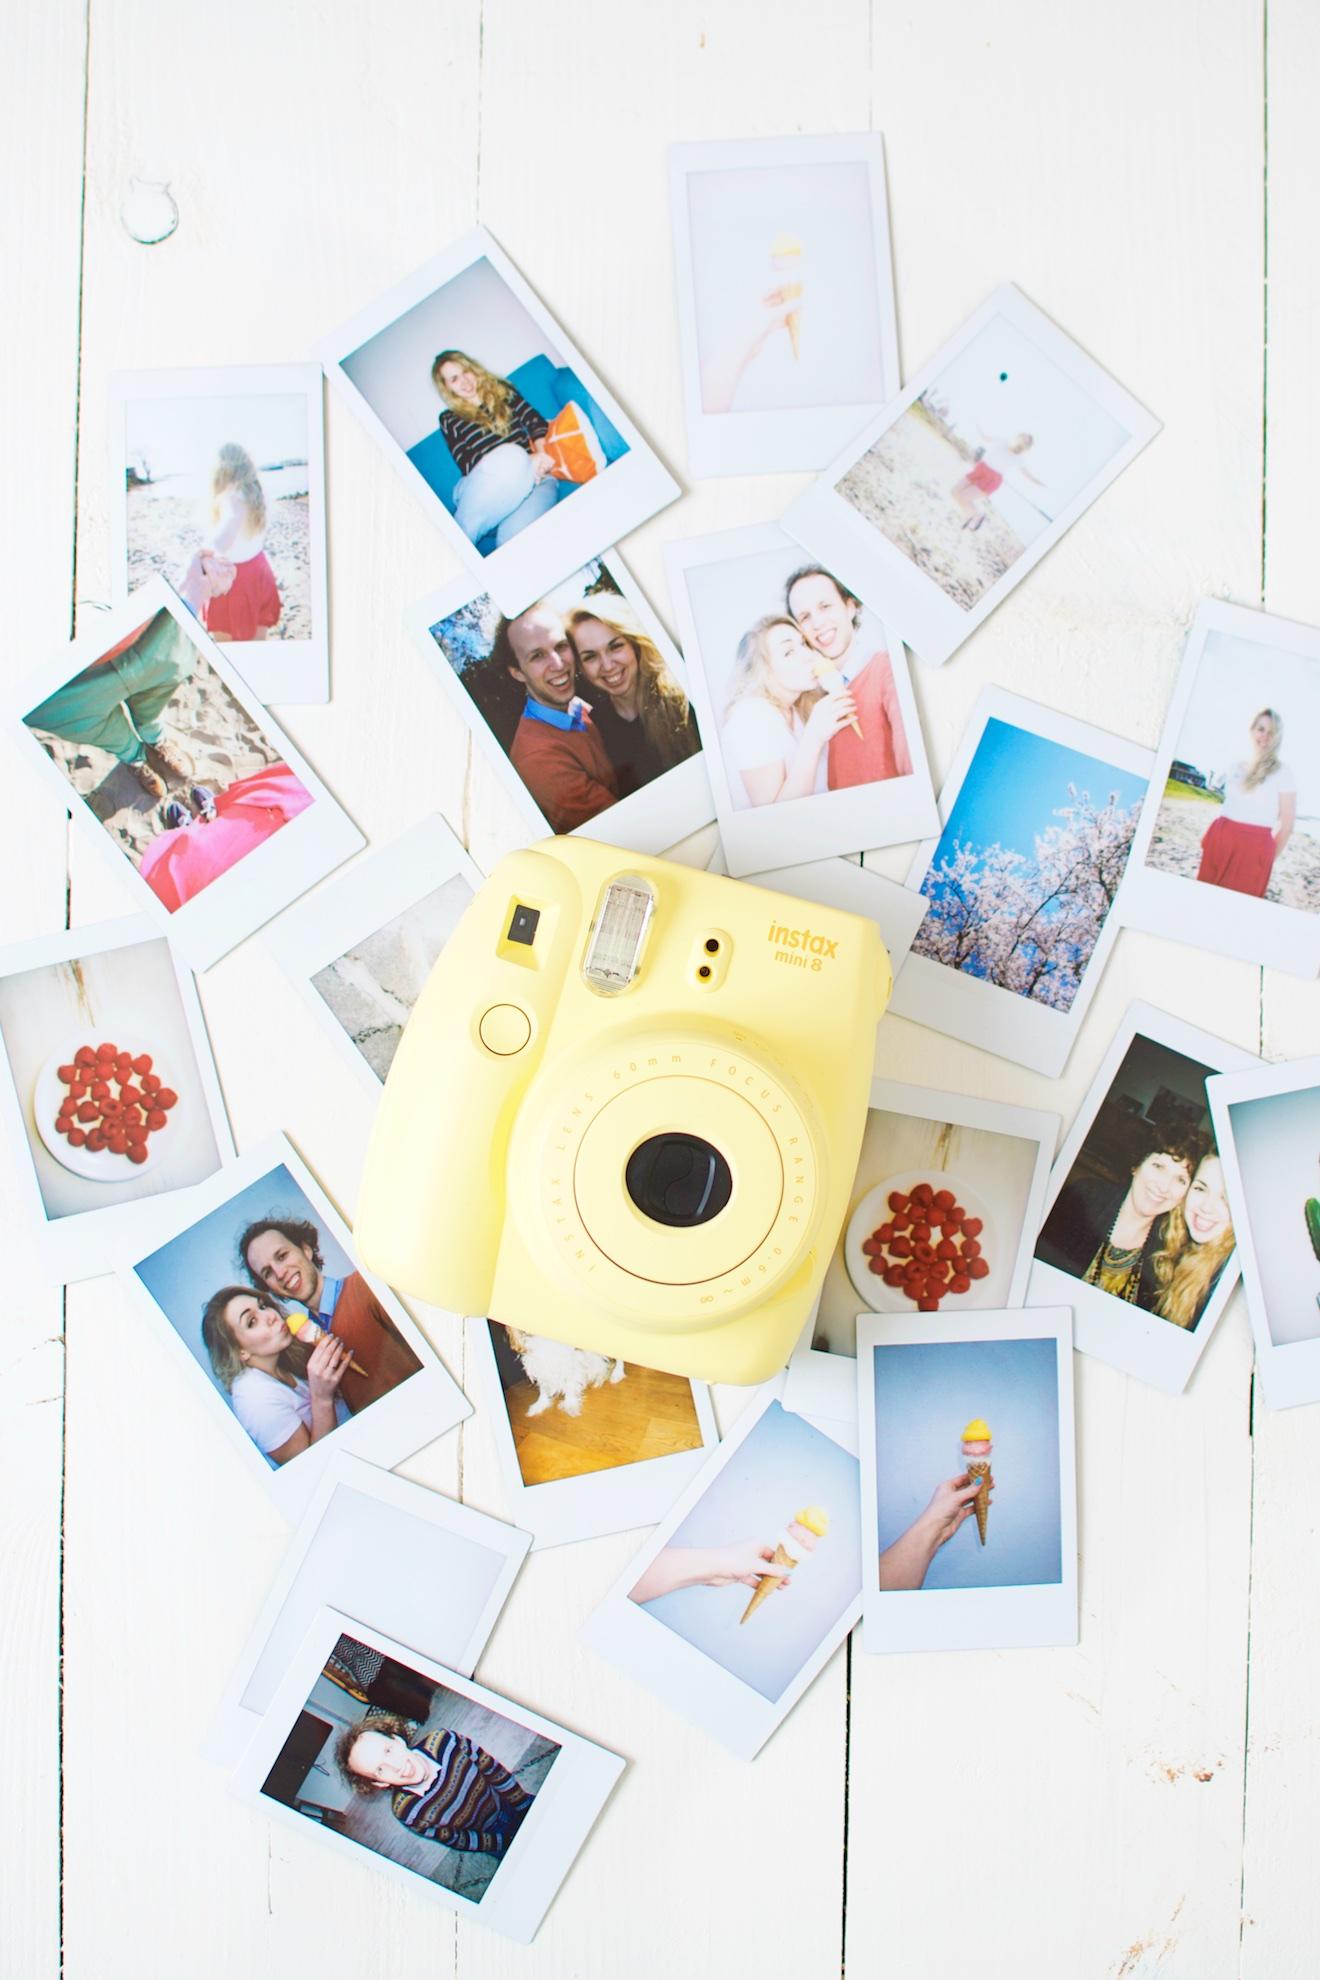 Fotograferen met instax camera (3)